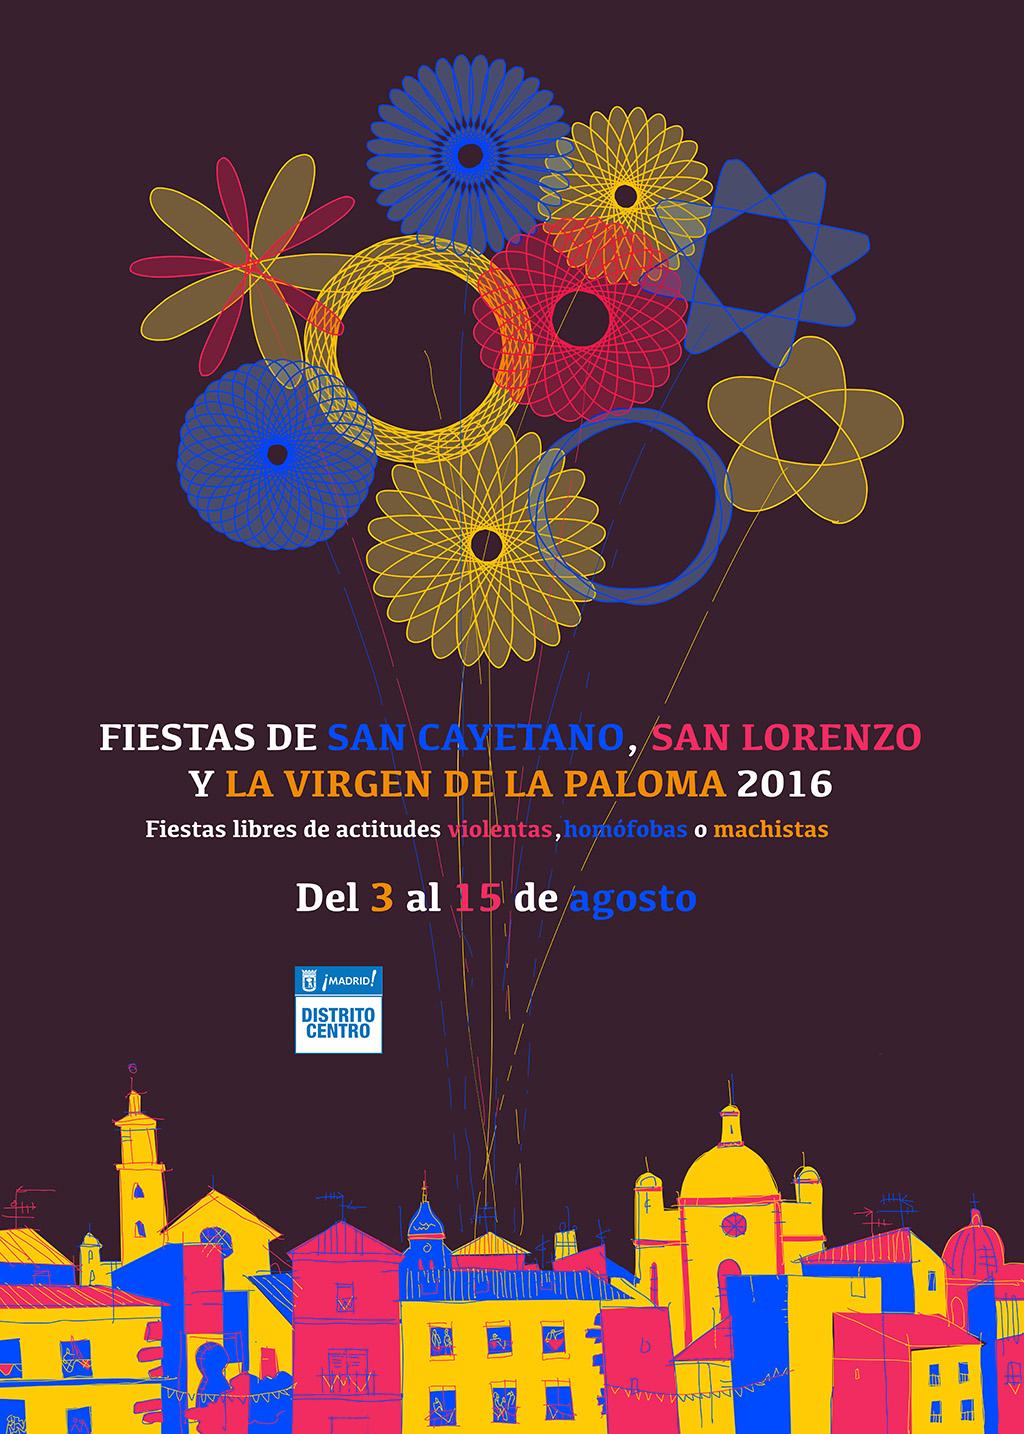 cartel San lorenzo virgen paloma cayetano fuegos artificiales ilustración Madrid Latina lavapiés